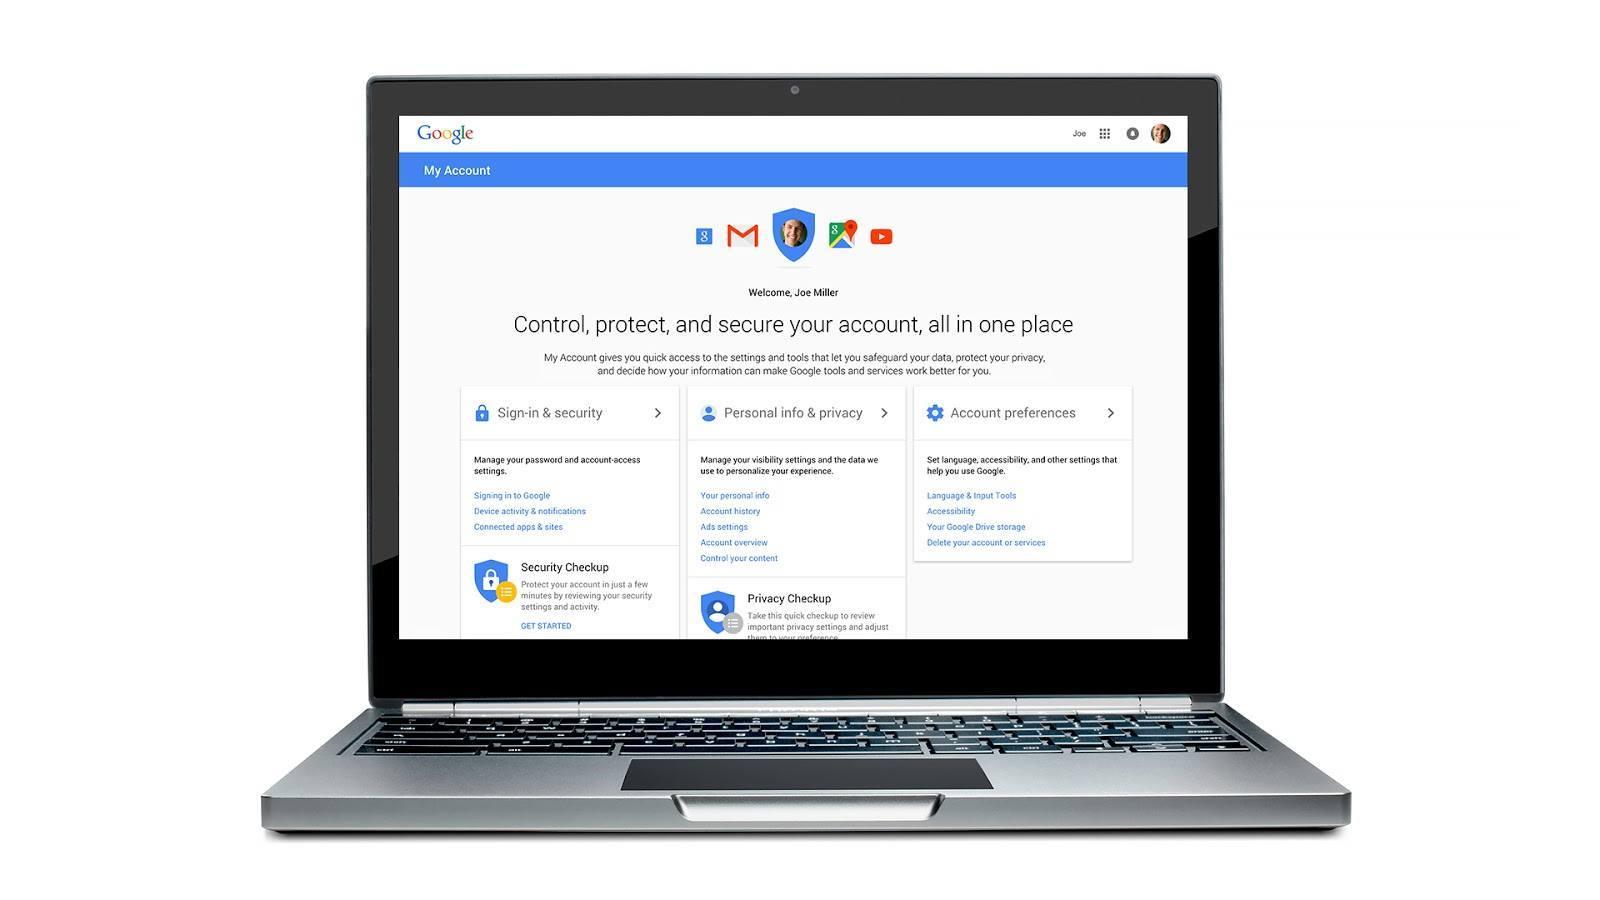 Google Hesabım ile gizlilik ve güvenlik ayarları için tek bir merkez